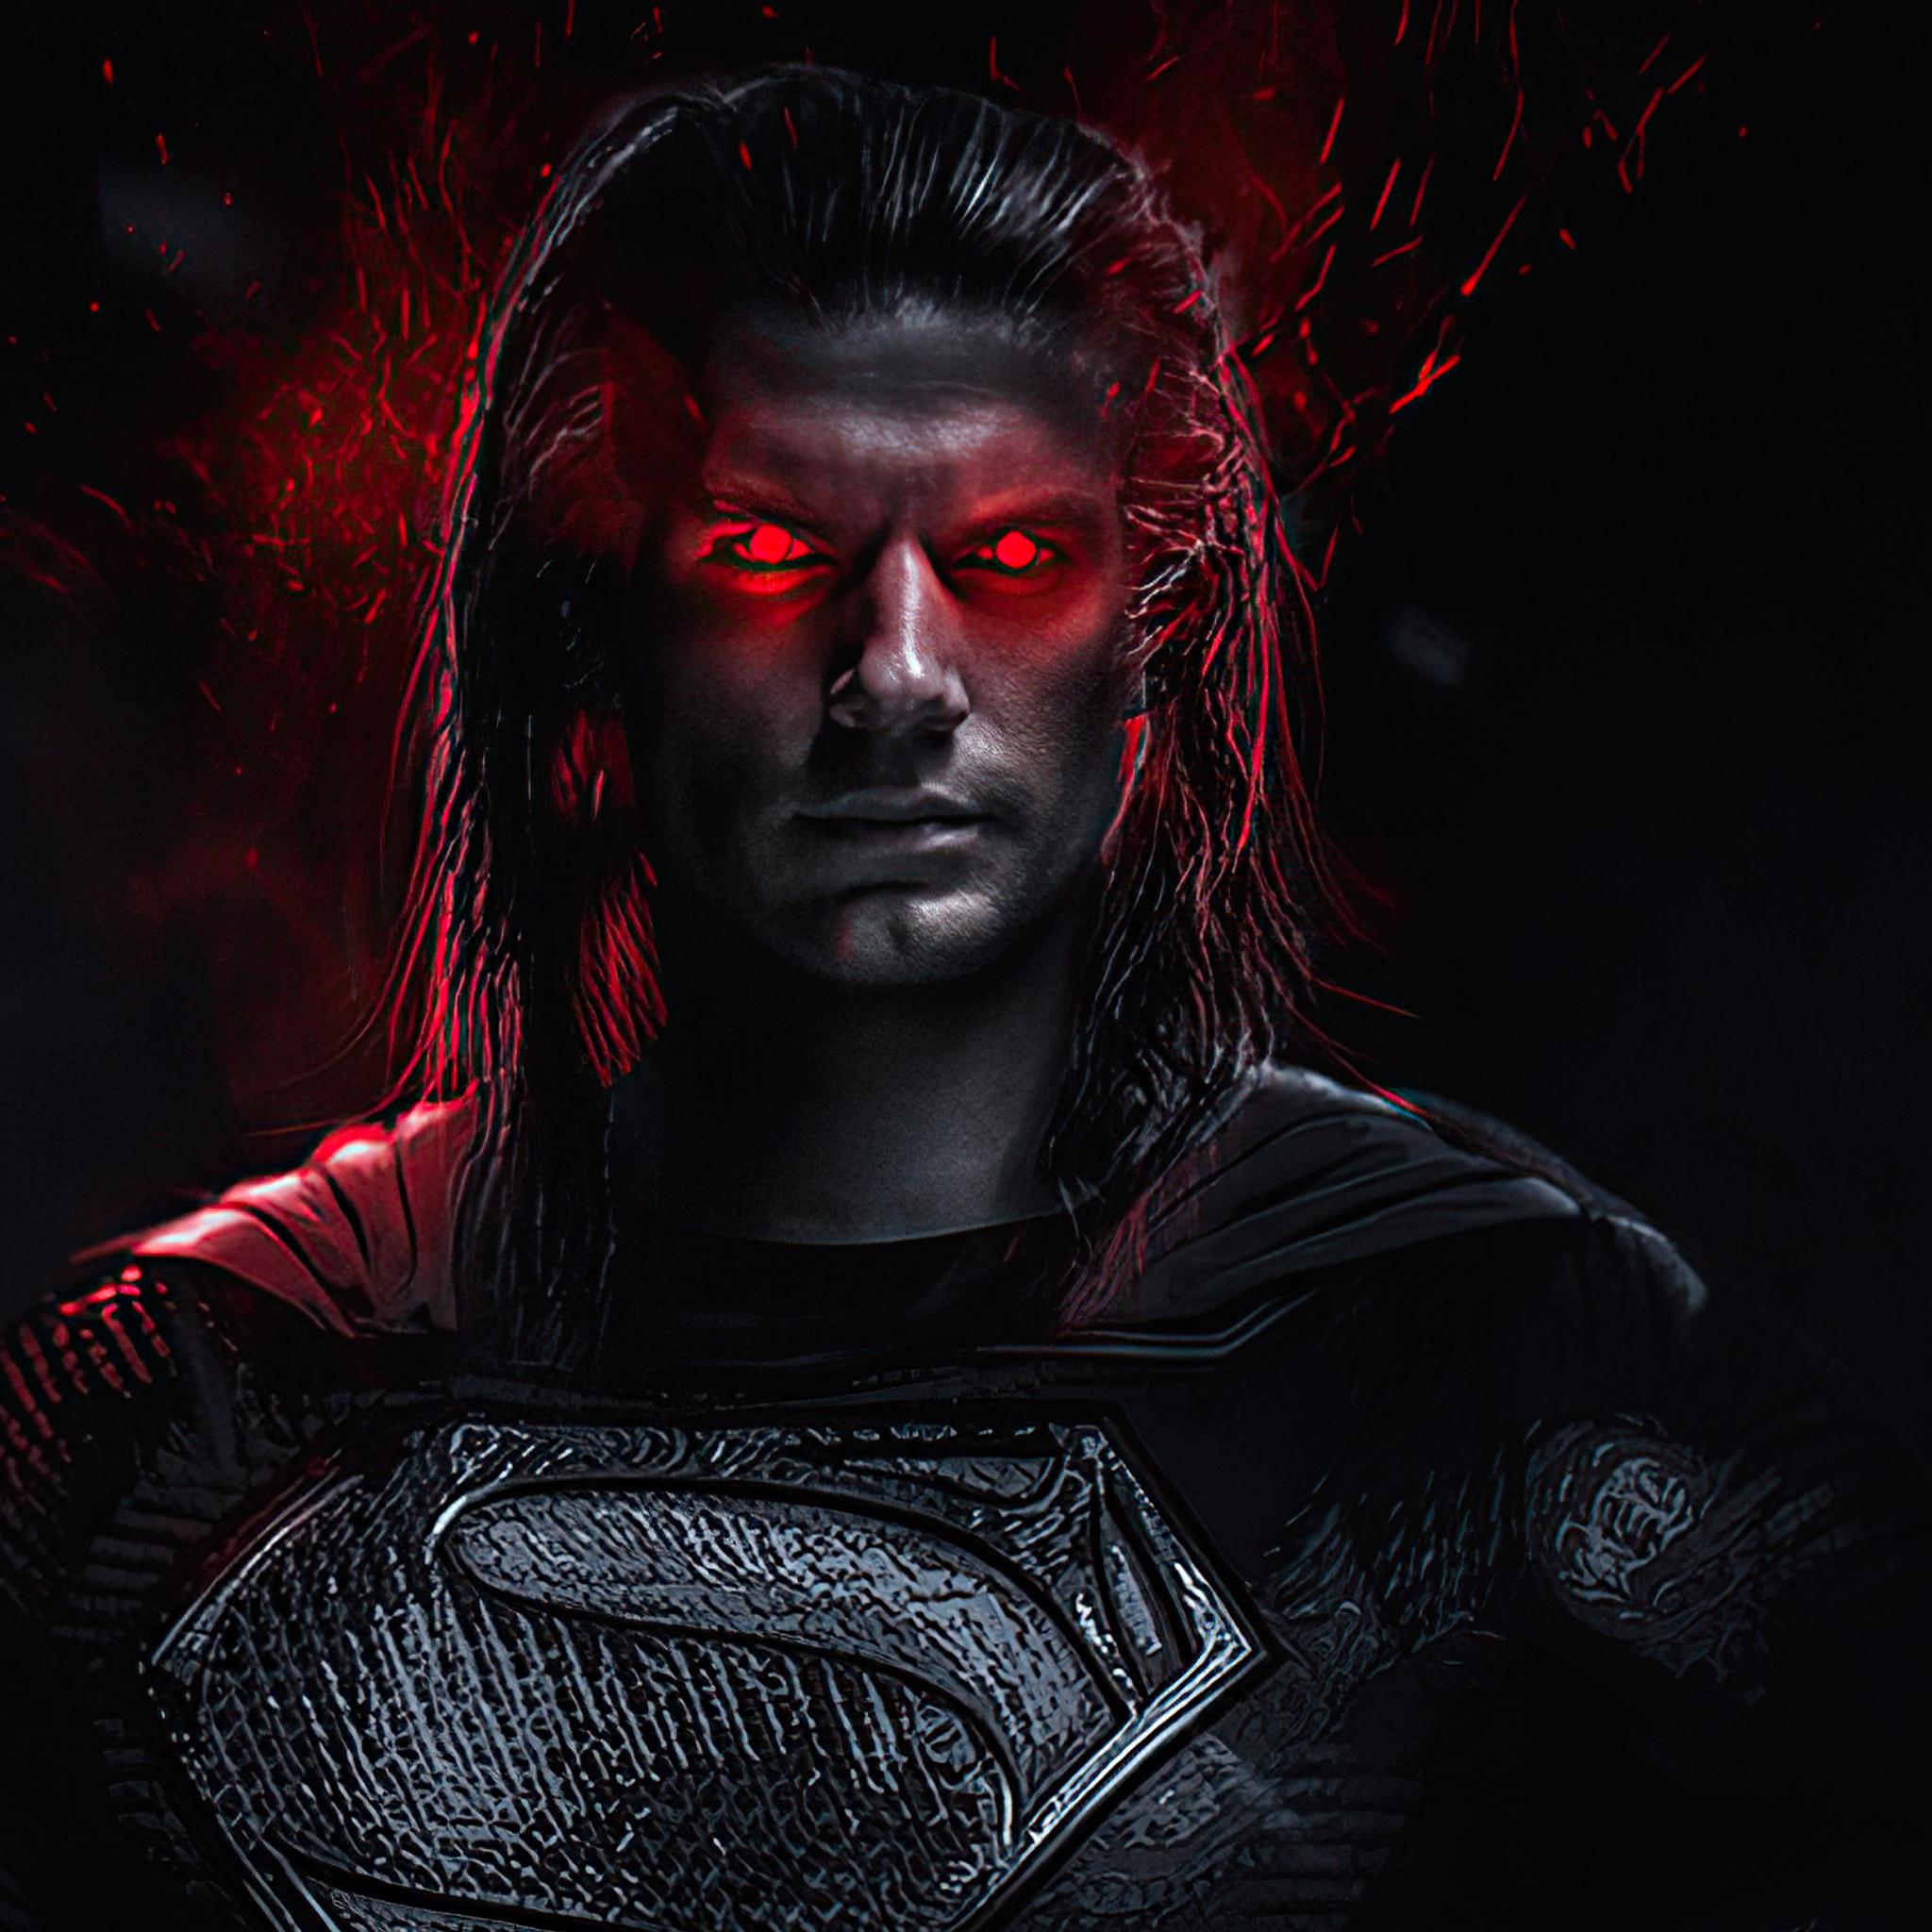 superman-red-eyes-glowing-4k-uc.jpg